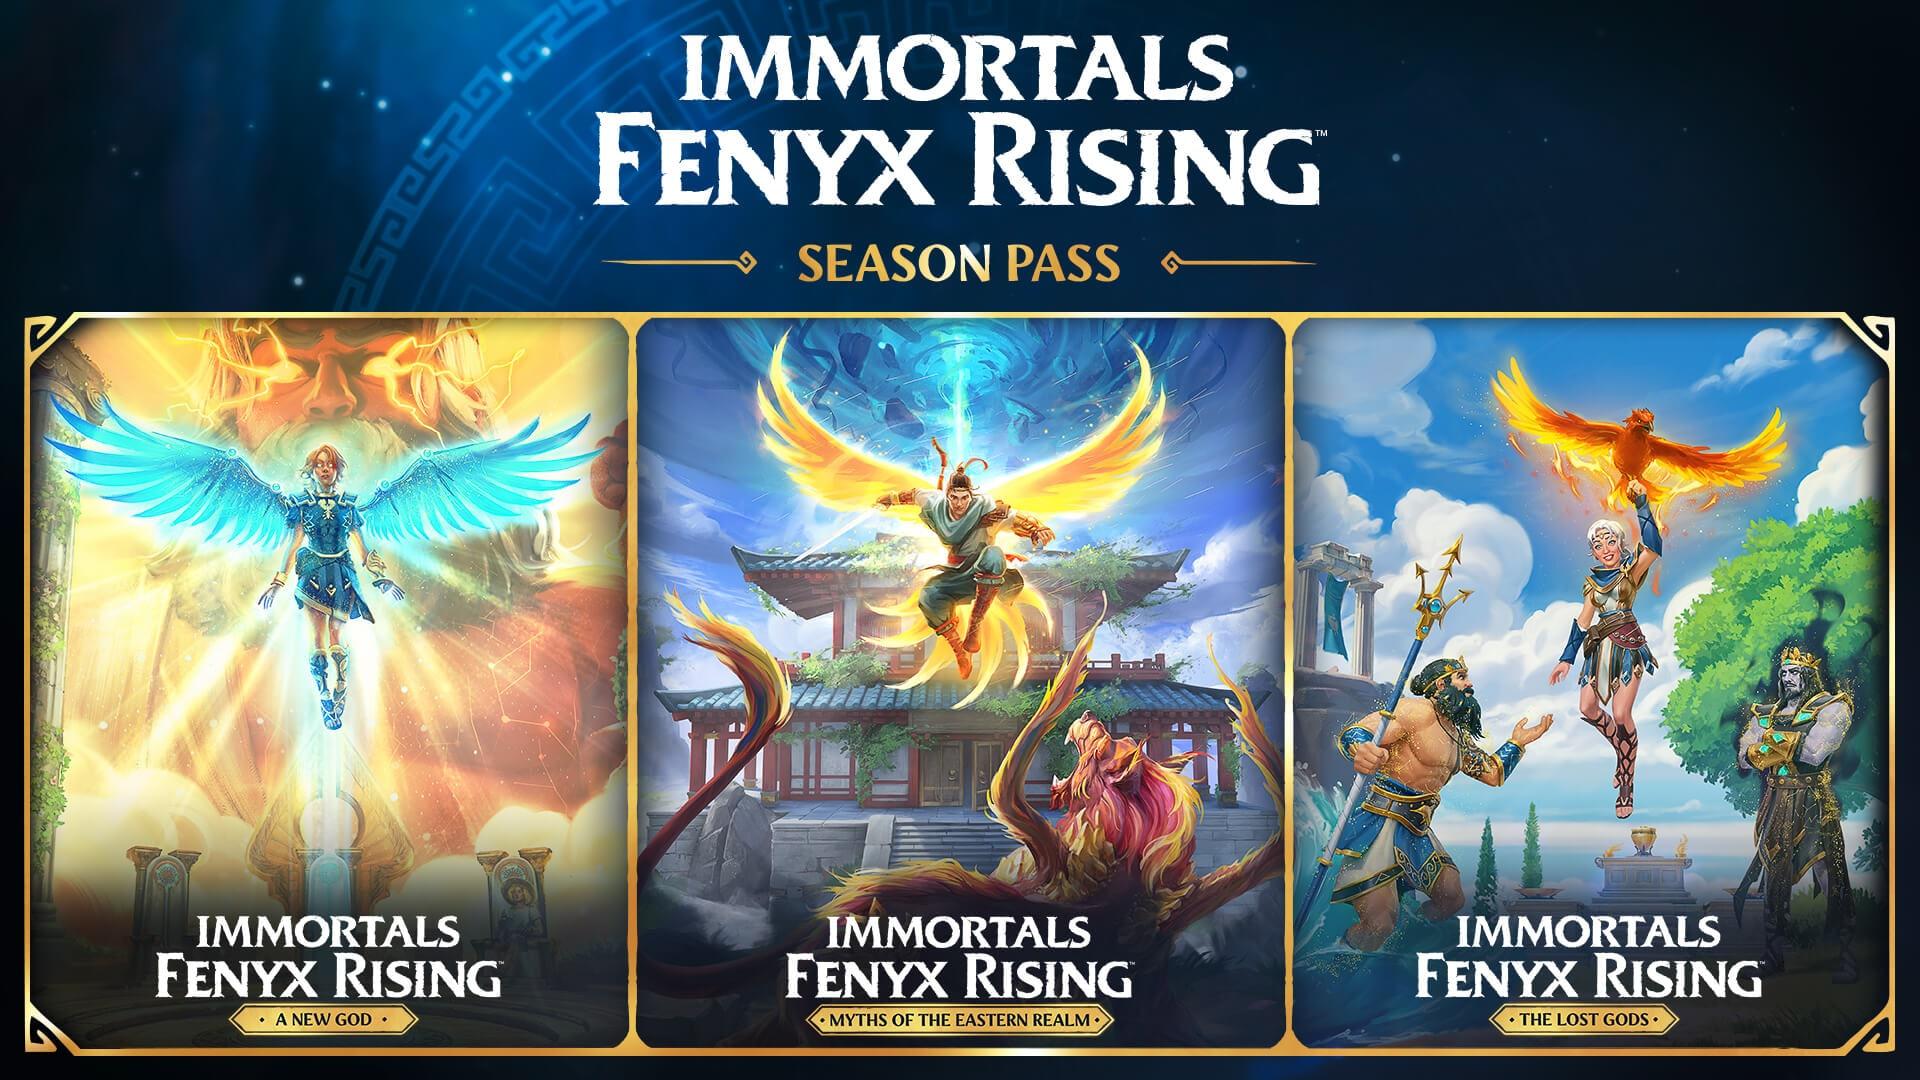 immortals mockup sp horizontal uk 1920x1080 592527701 - سی دی کی اشتراکی Immortals Fenyx Rising